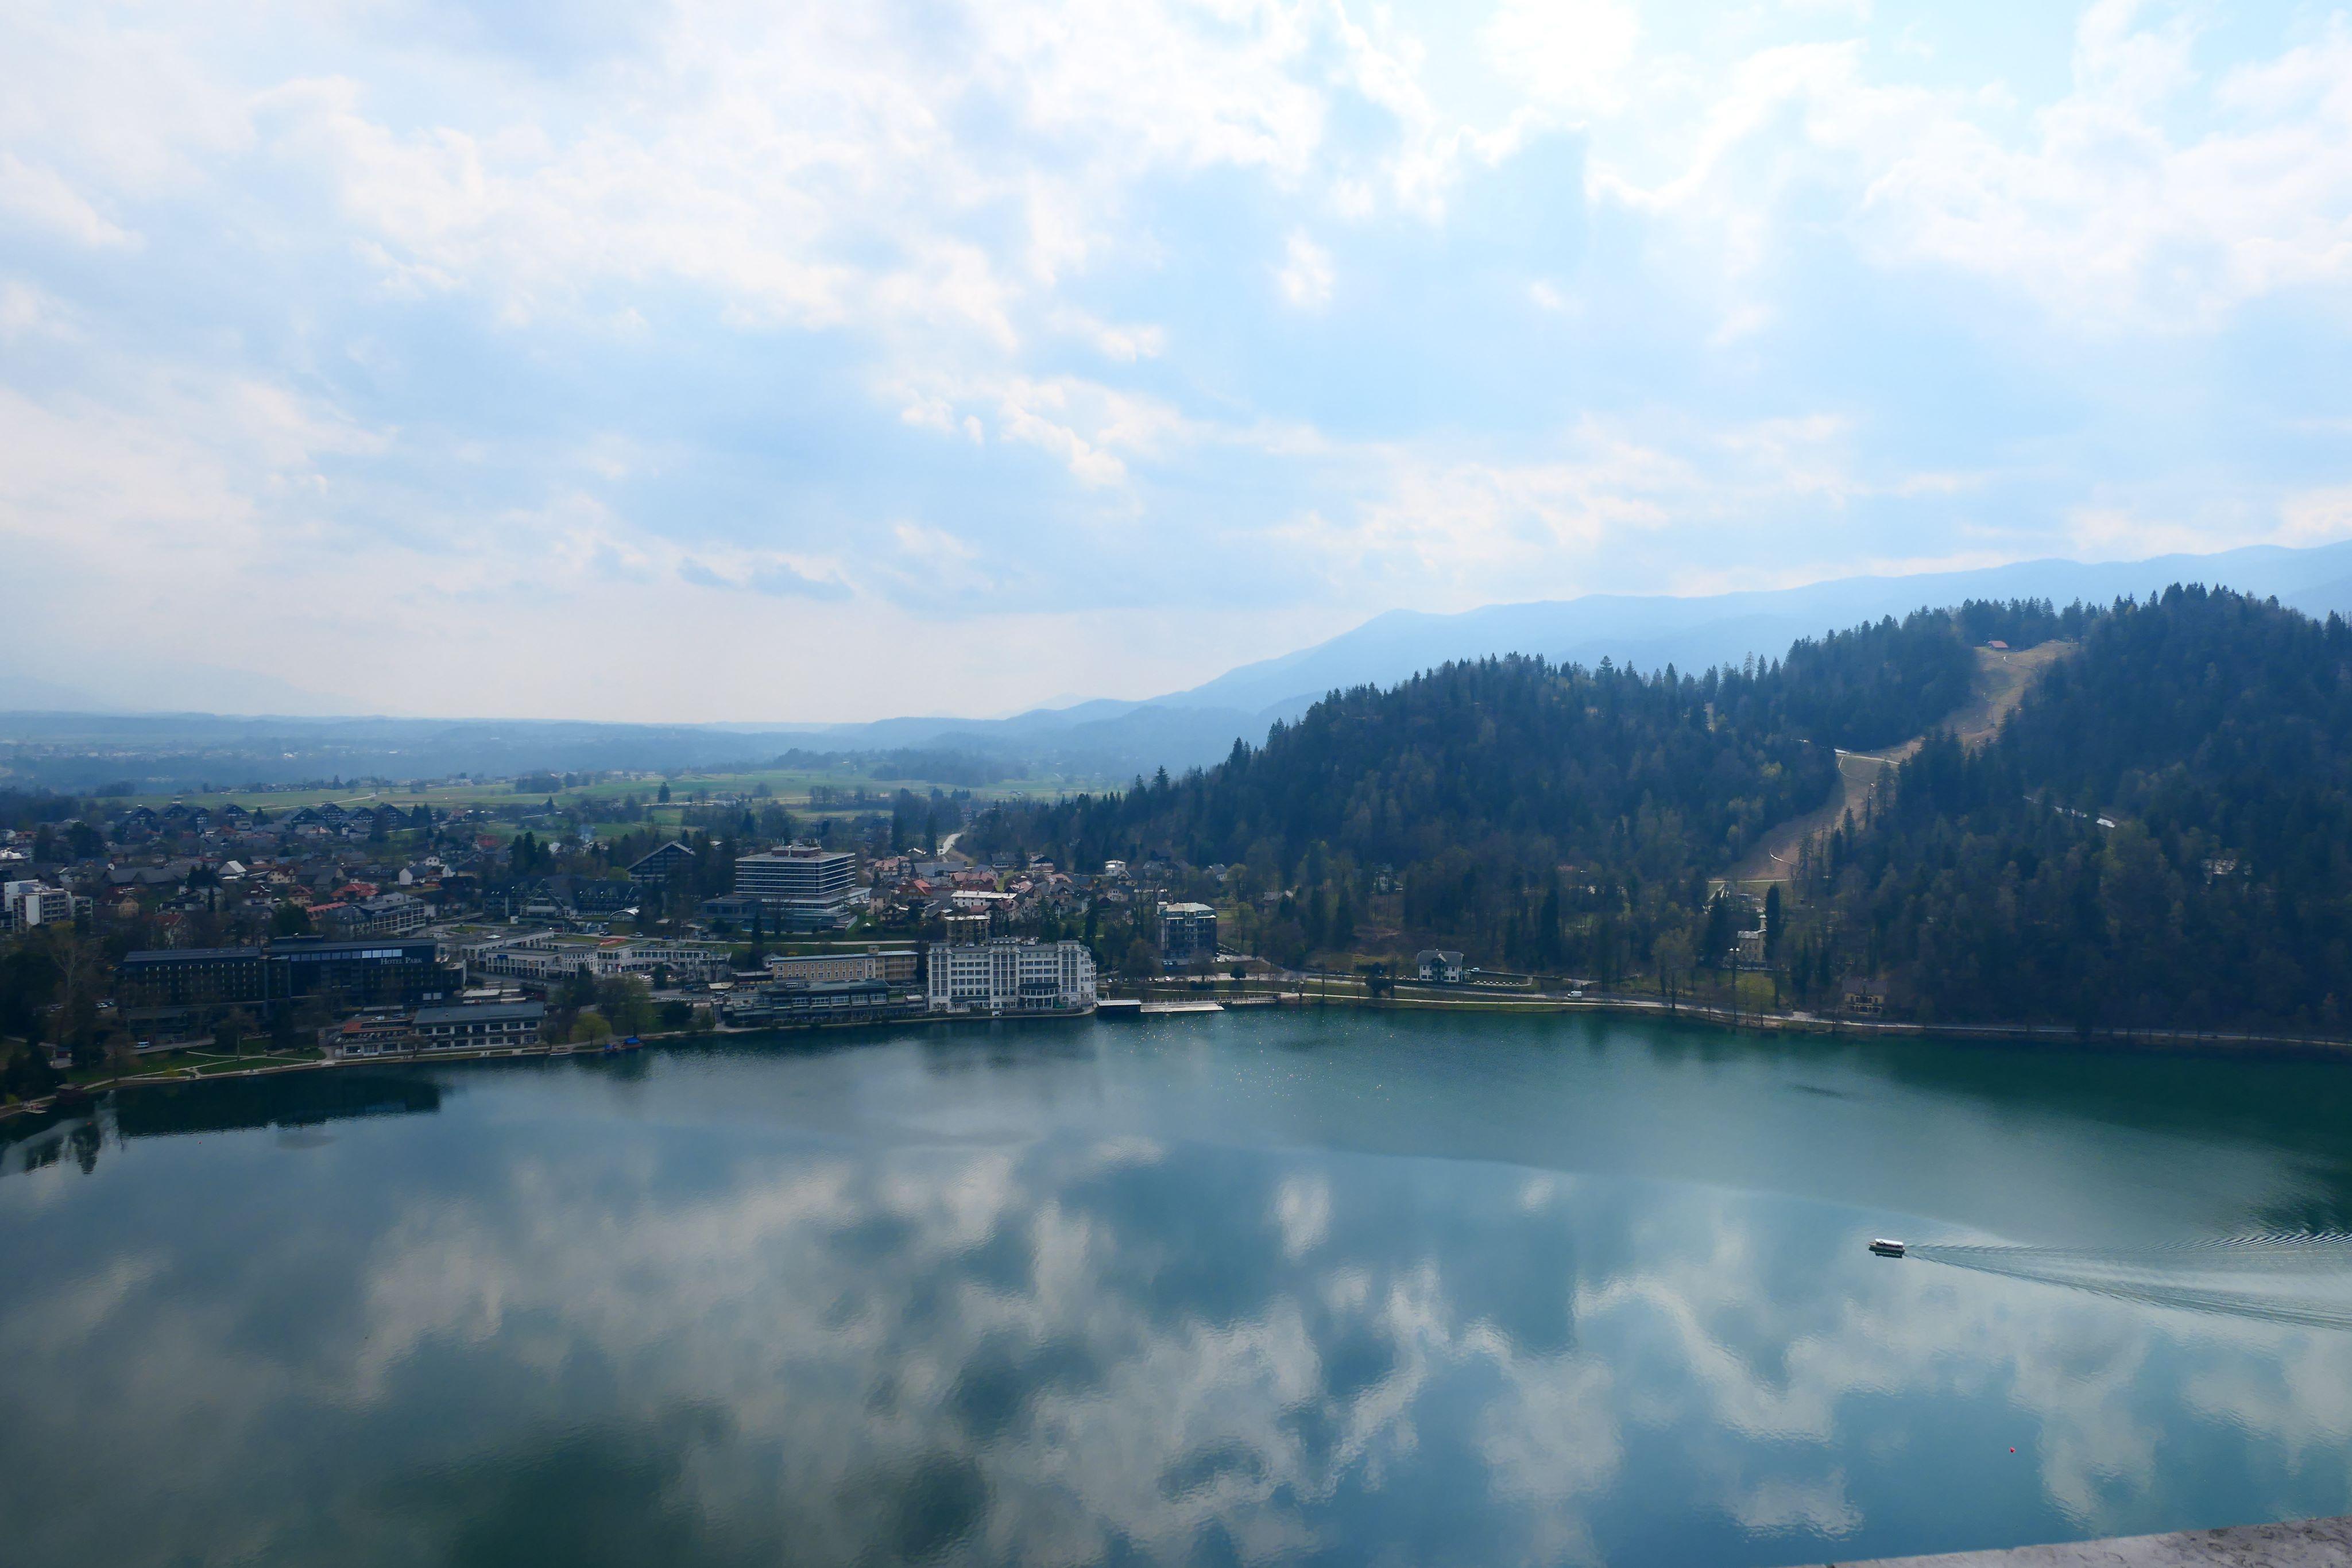 자그레브에서 떠나는 슬로베니아 일일투어